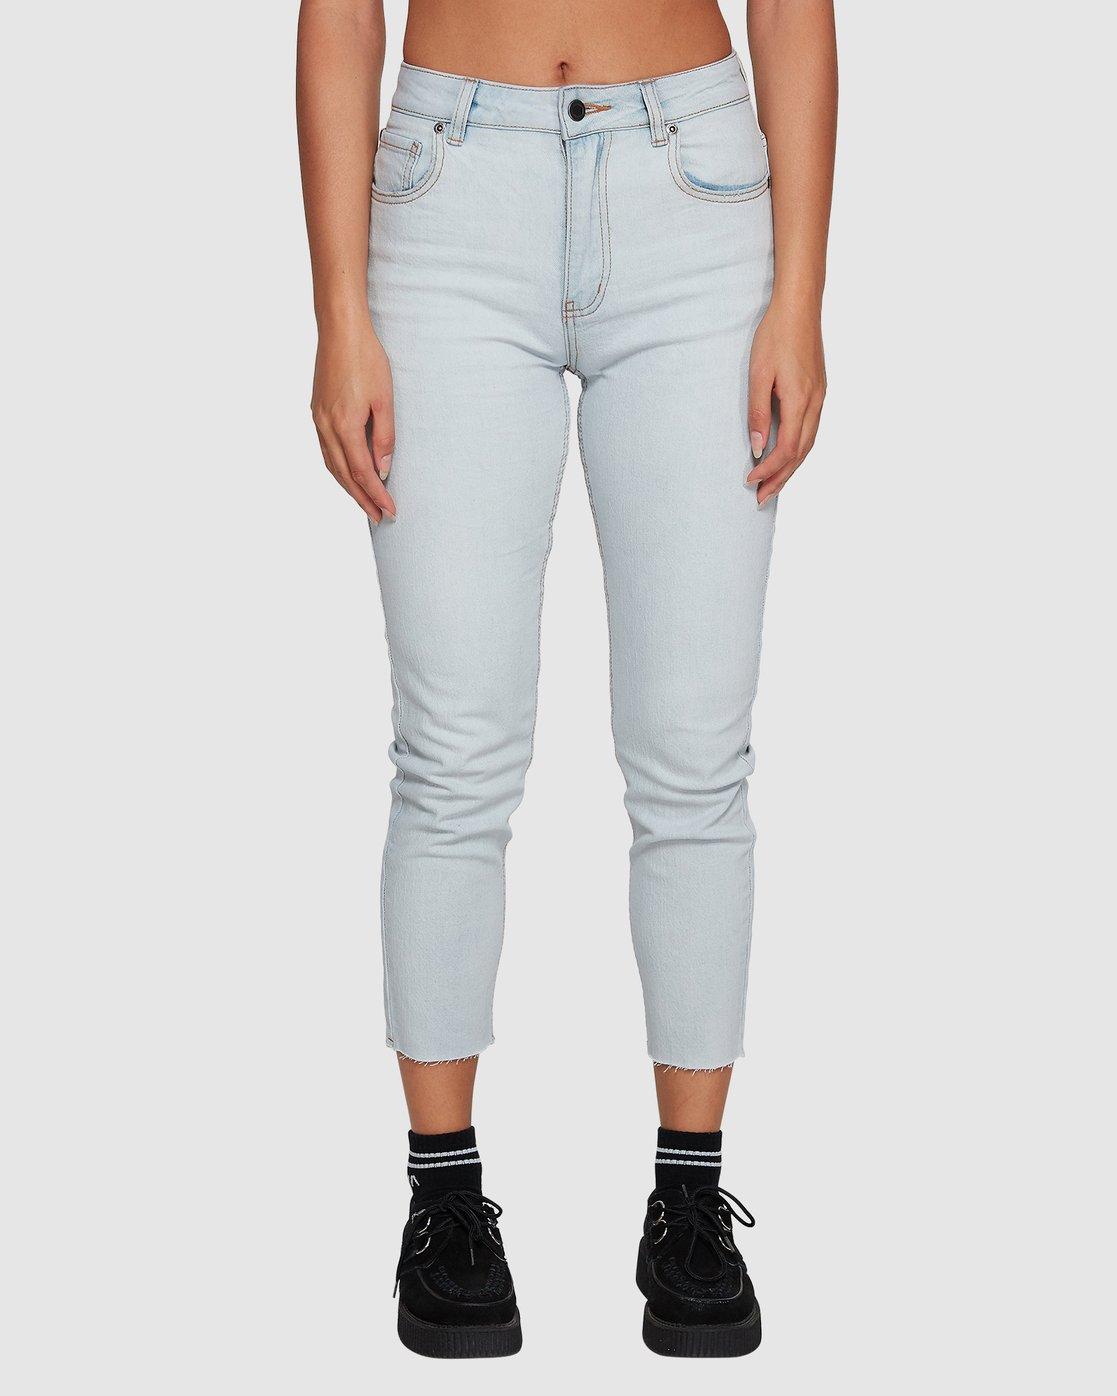 3 Smitten Jean Pants - Bleachout White R207222 RVCA